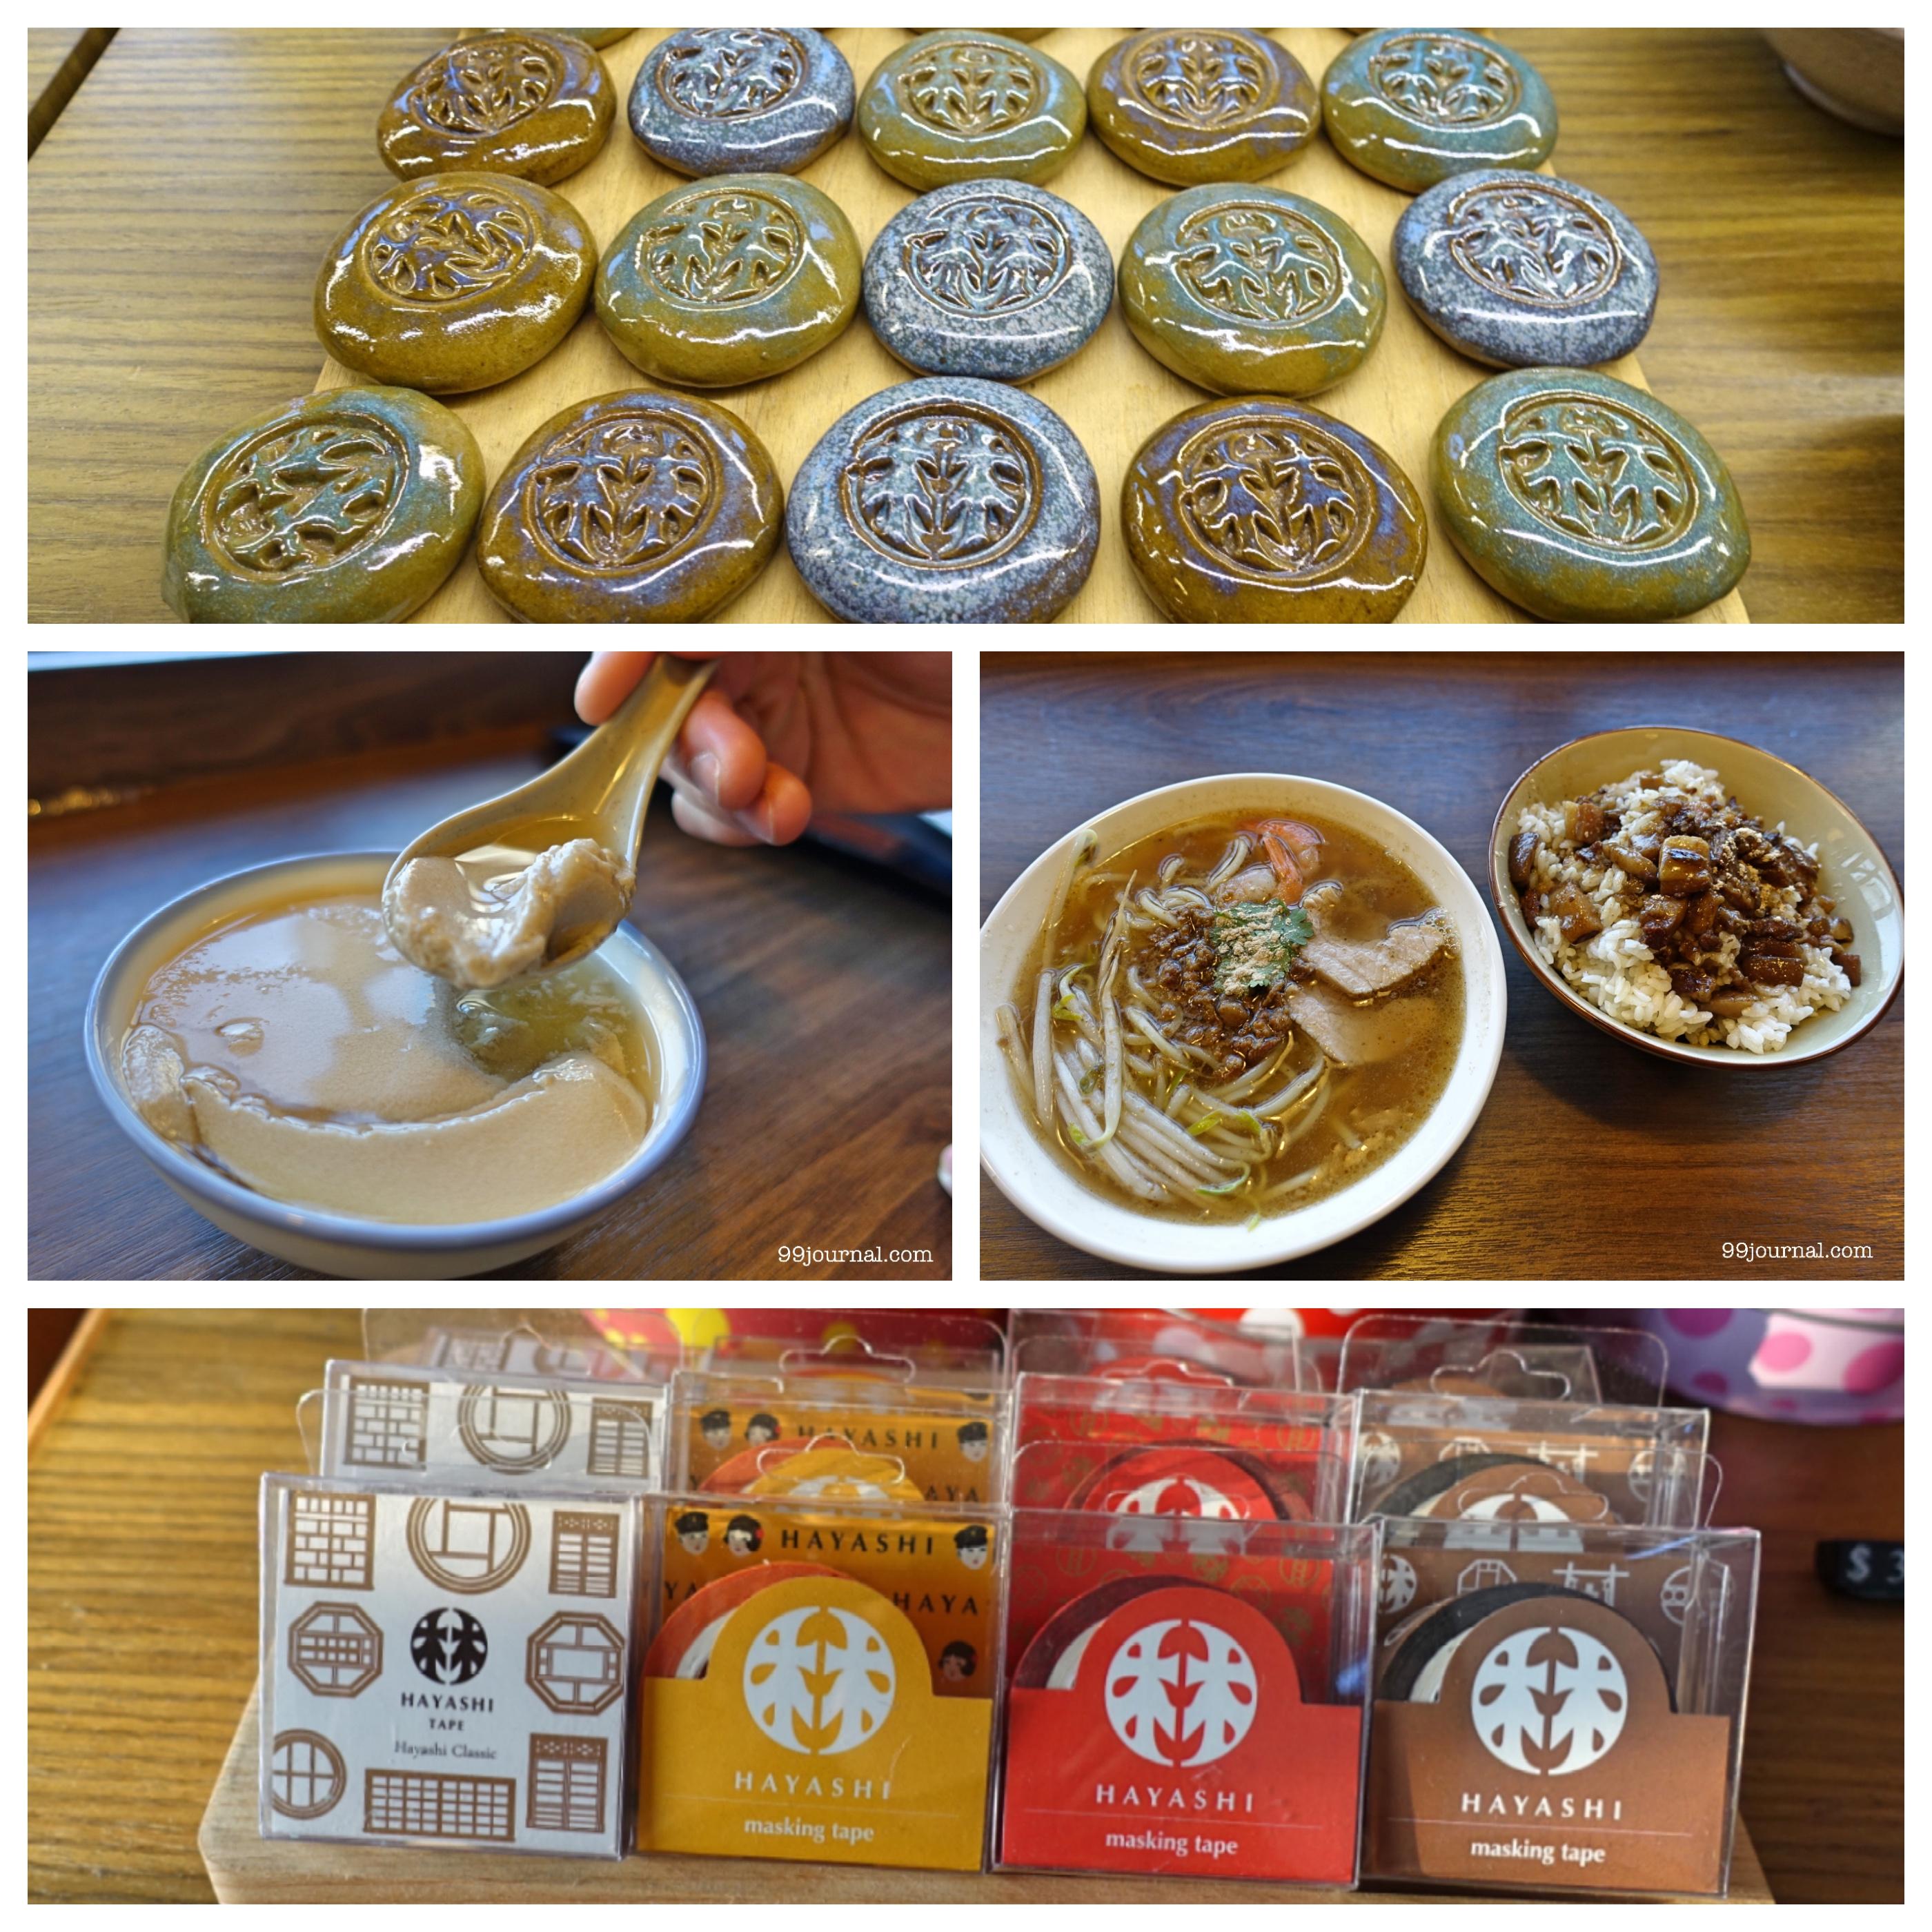 台南のおすすめ観光スポット林百貨のお土産やレストランの食事写真